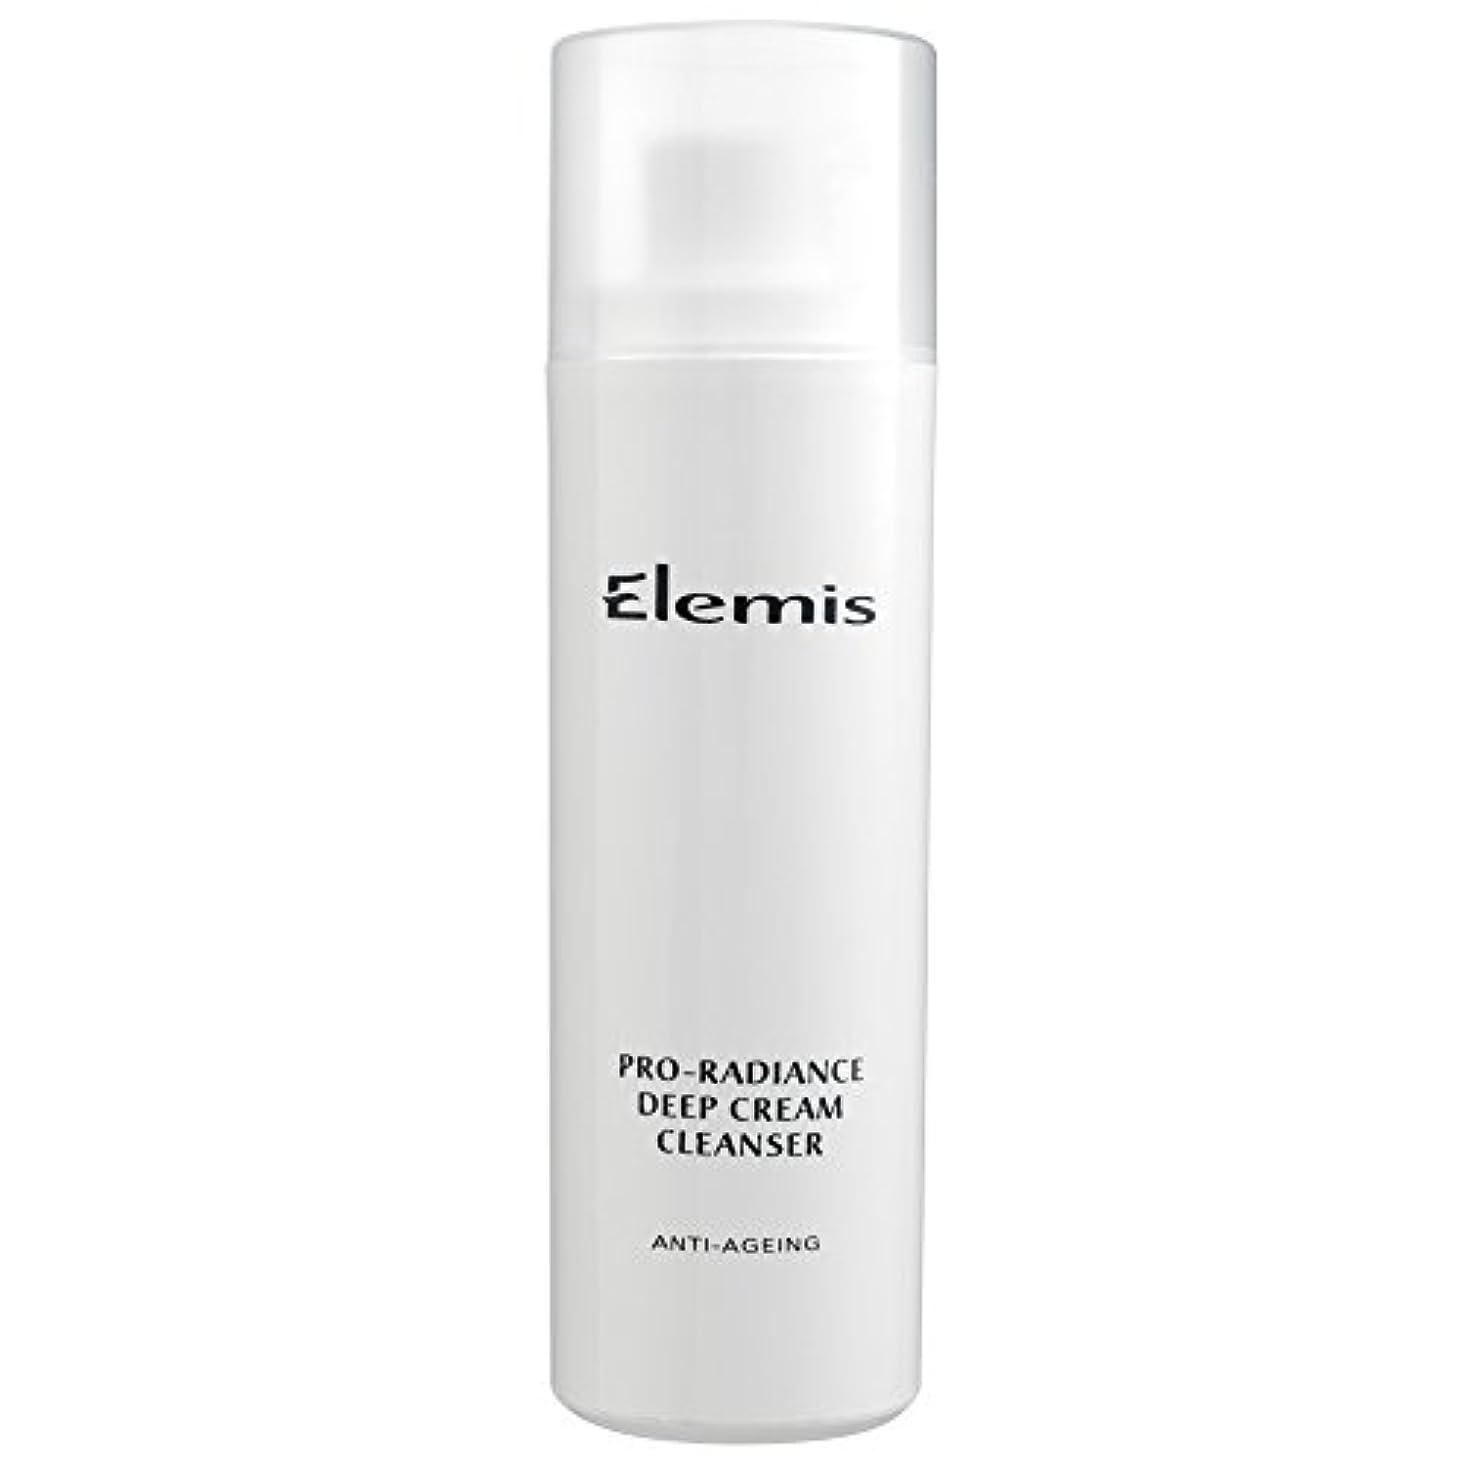 推進力しかしながら危険を冒しますエレミスプロ輝きクリームクレンザー、150ミリリットル (Elemis) (x2) - Elemis Pro-Radiance Cream Cleanser, 150ml (Pack of 2) [並行輸入品]